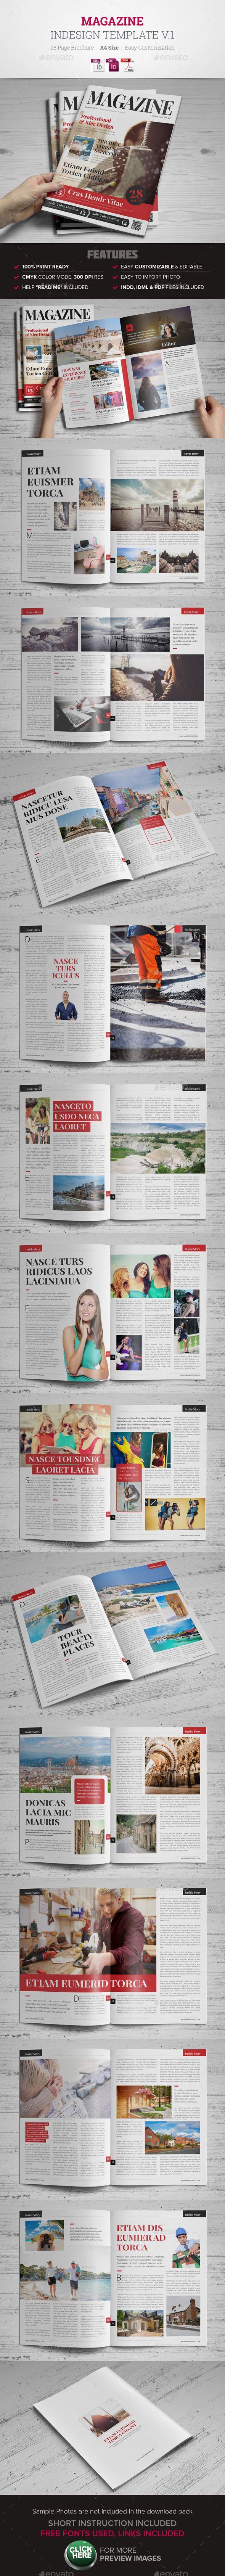 Magazine InDesign Template v1   Diseño editorial, Editorial y Revistas